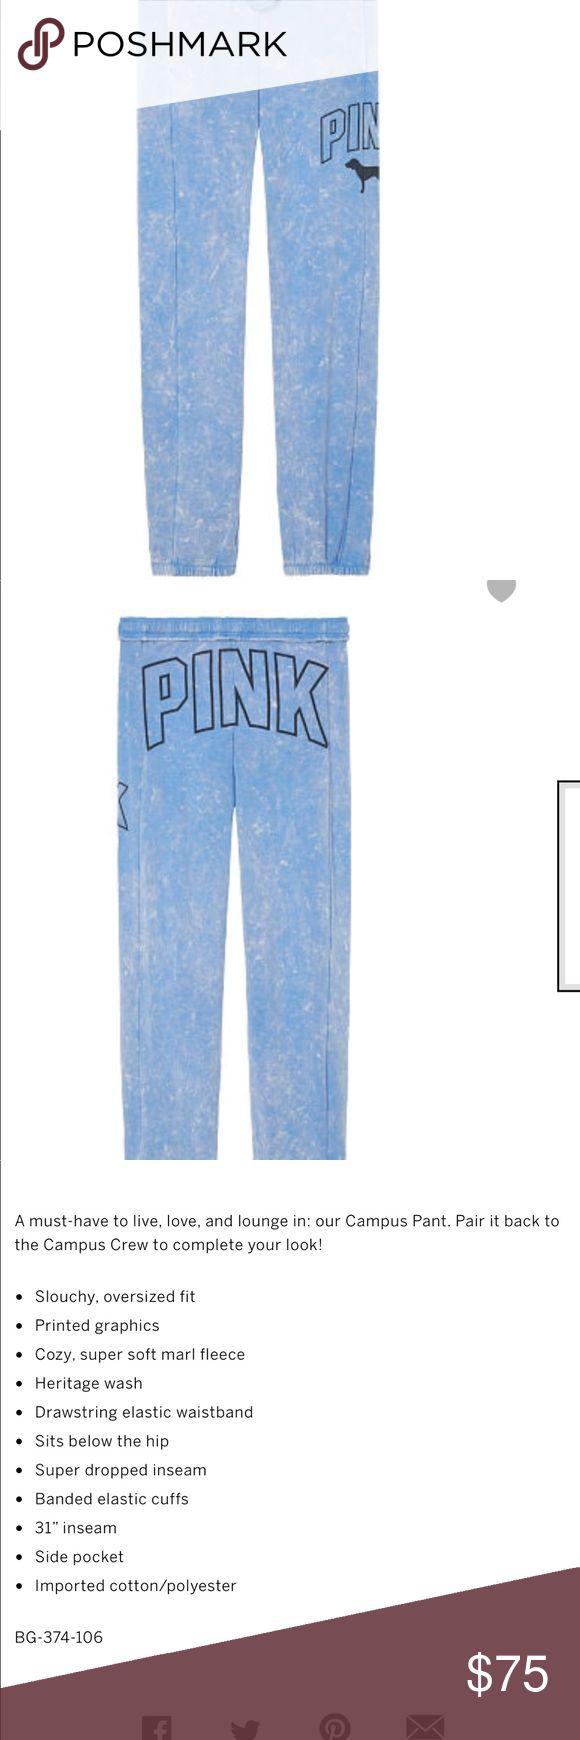 NIP VS PINK CAMPUS SUPER SOFT PANT SZ SM BLUE NIP VS PINK CAMPUS SUPER SOFT PANT SZ SM BLUE WITH BLACK  GRAPHICS PINK Victoria's Secret Pants Track Pants & Joggers